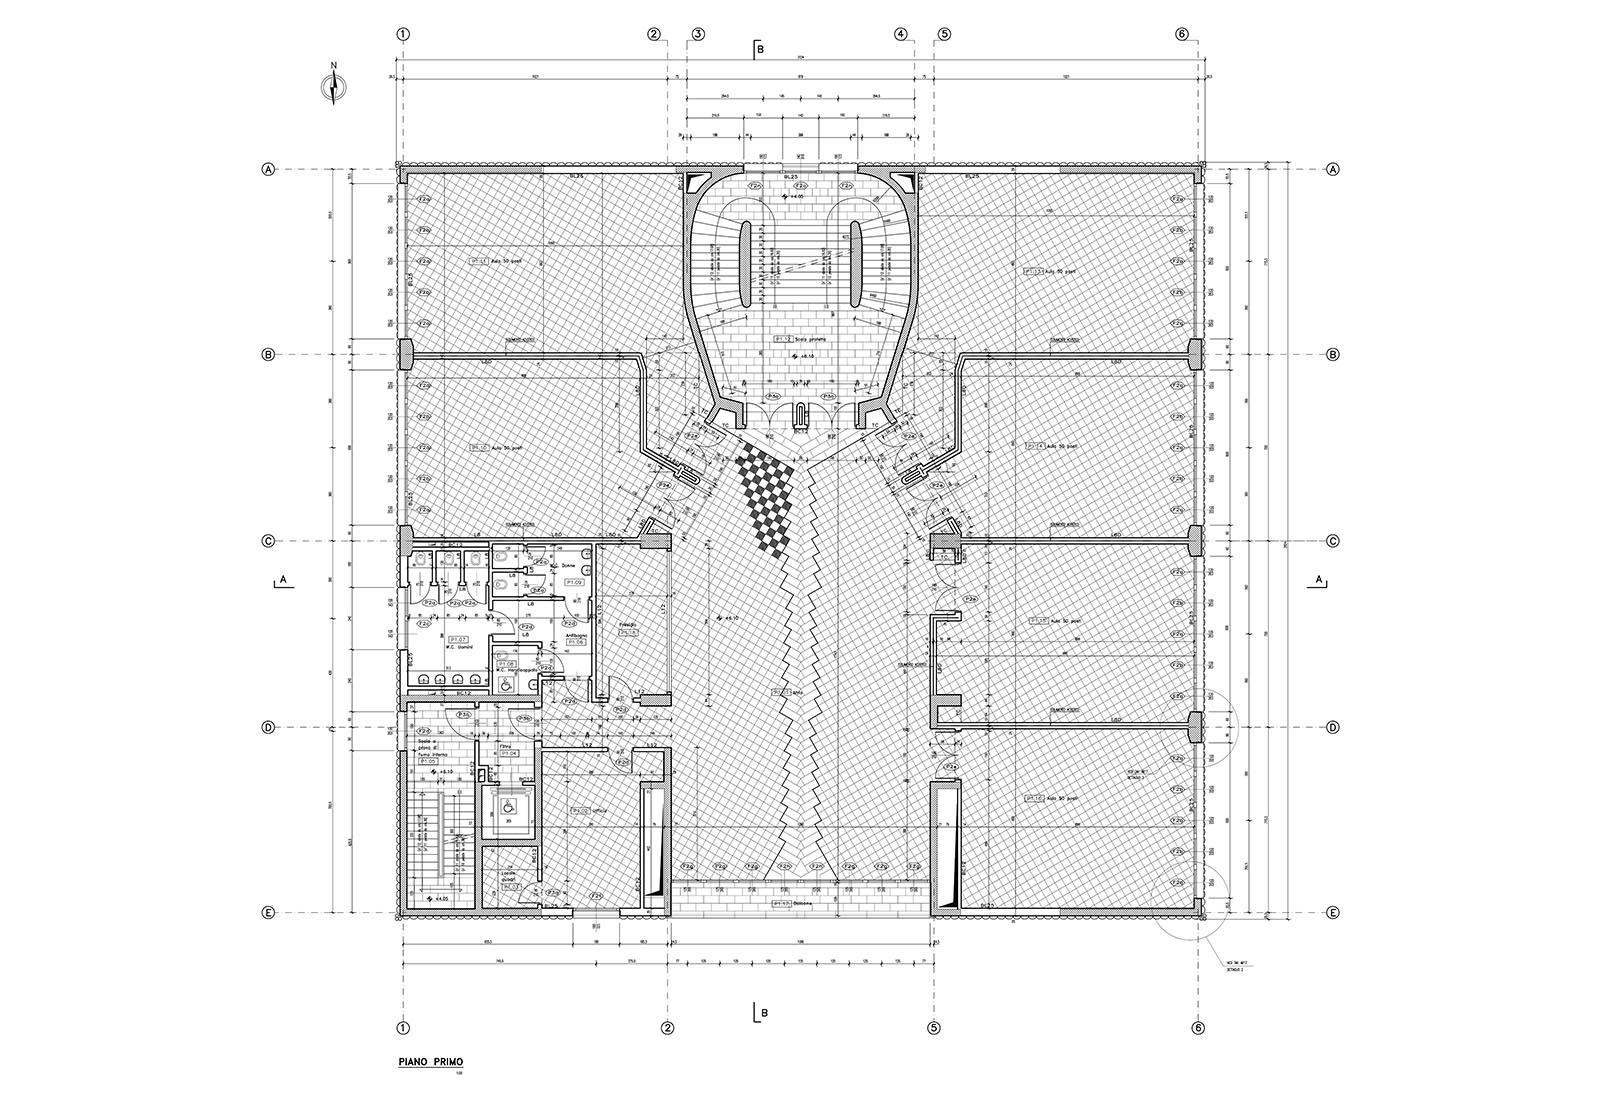 Edificio 25 Politecnico di Milano - Pianta piano primo